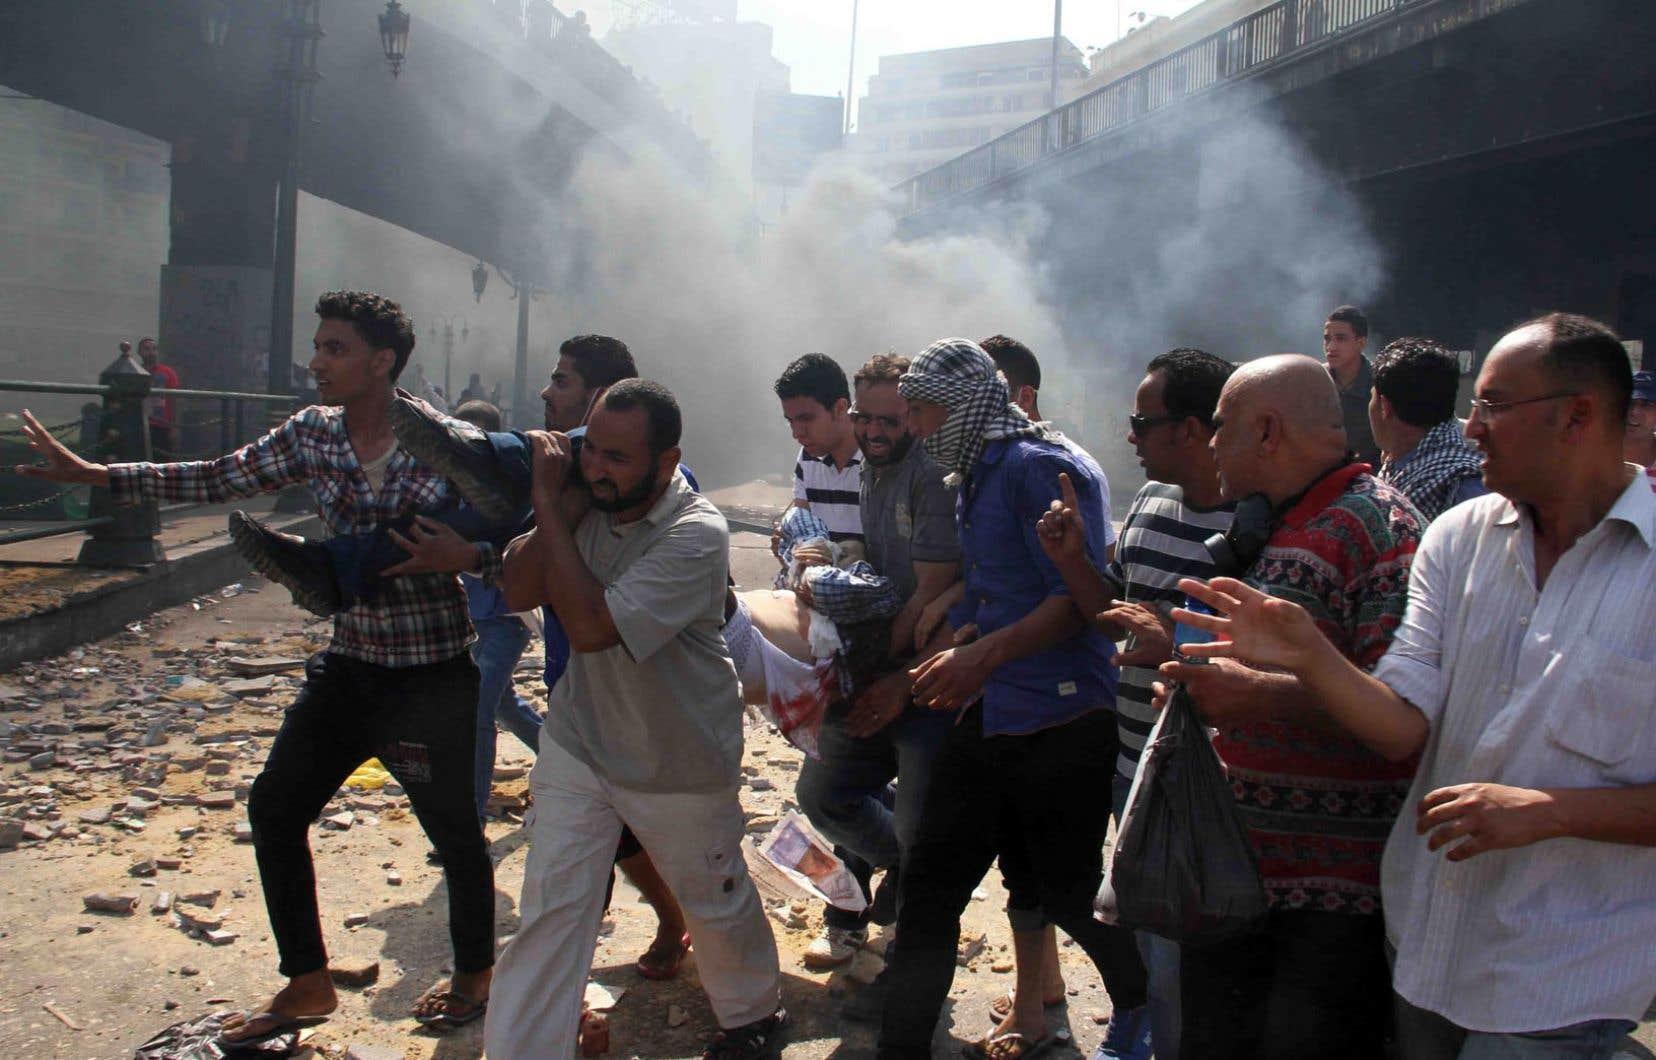 Des sympathisants des Frères musulmans transportent un des leurs blessé vendredi lors d'un affrontement avec les policiers, place Ramsès, au Caire.